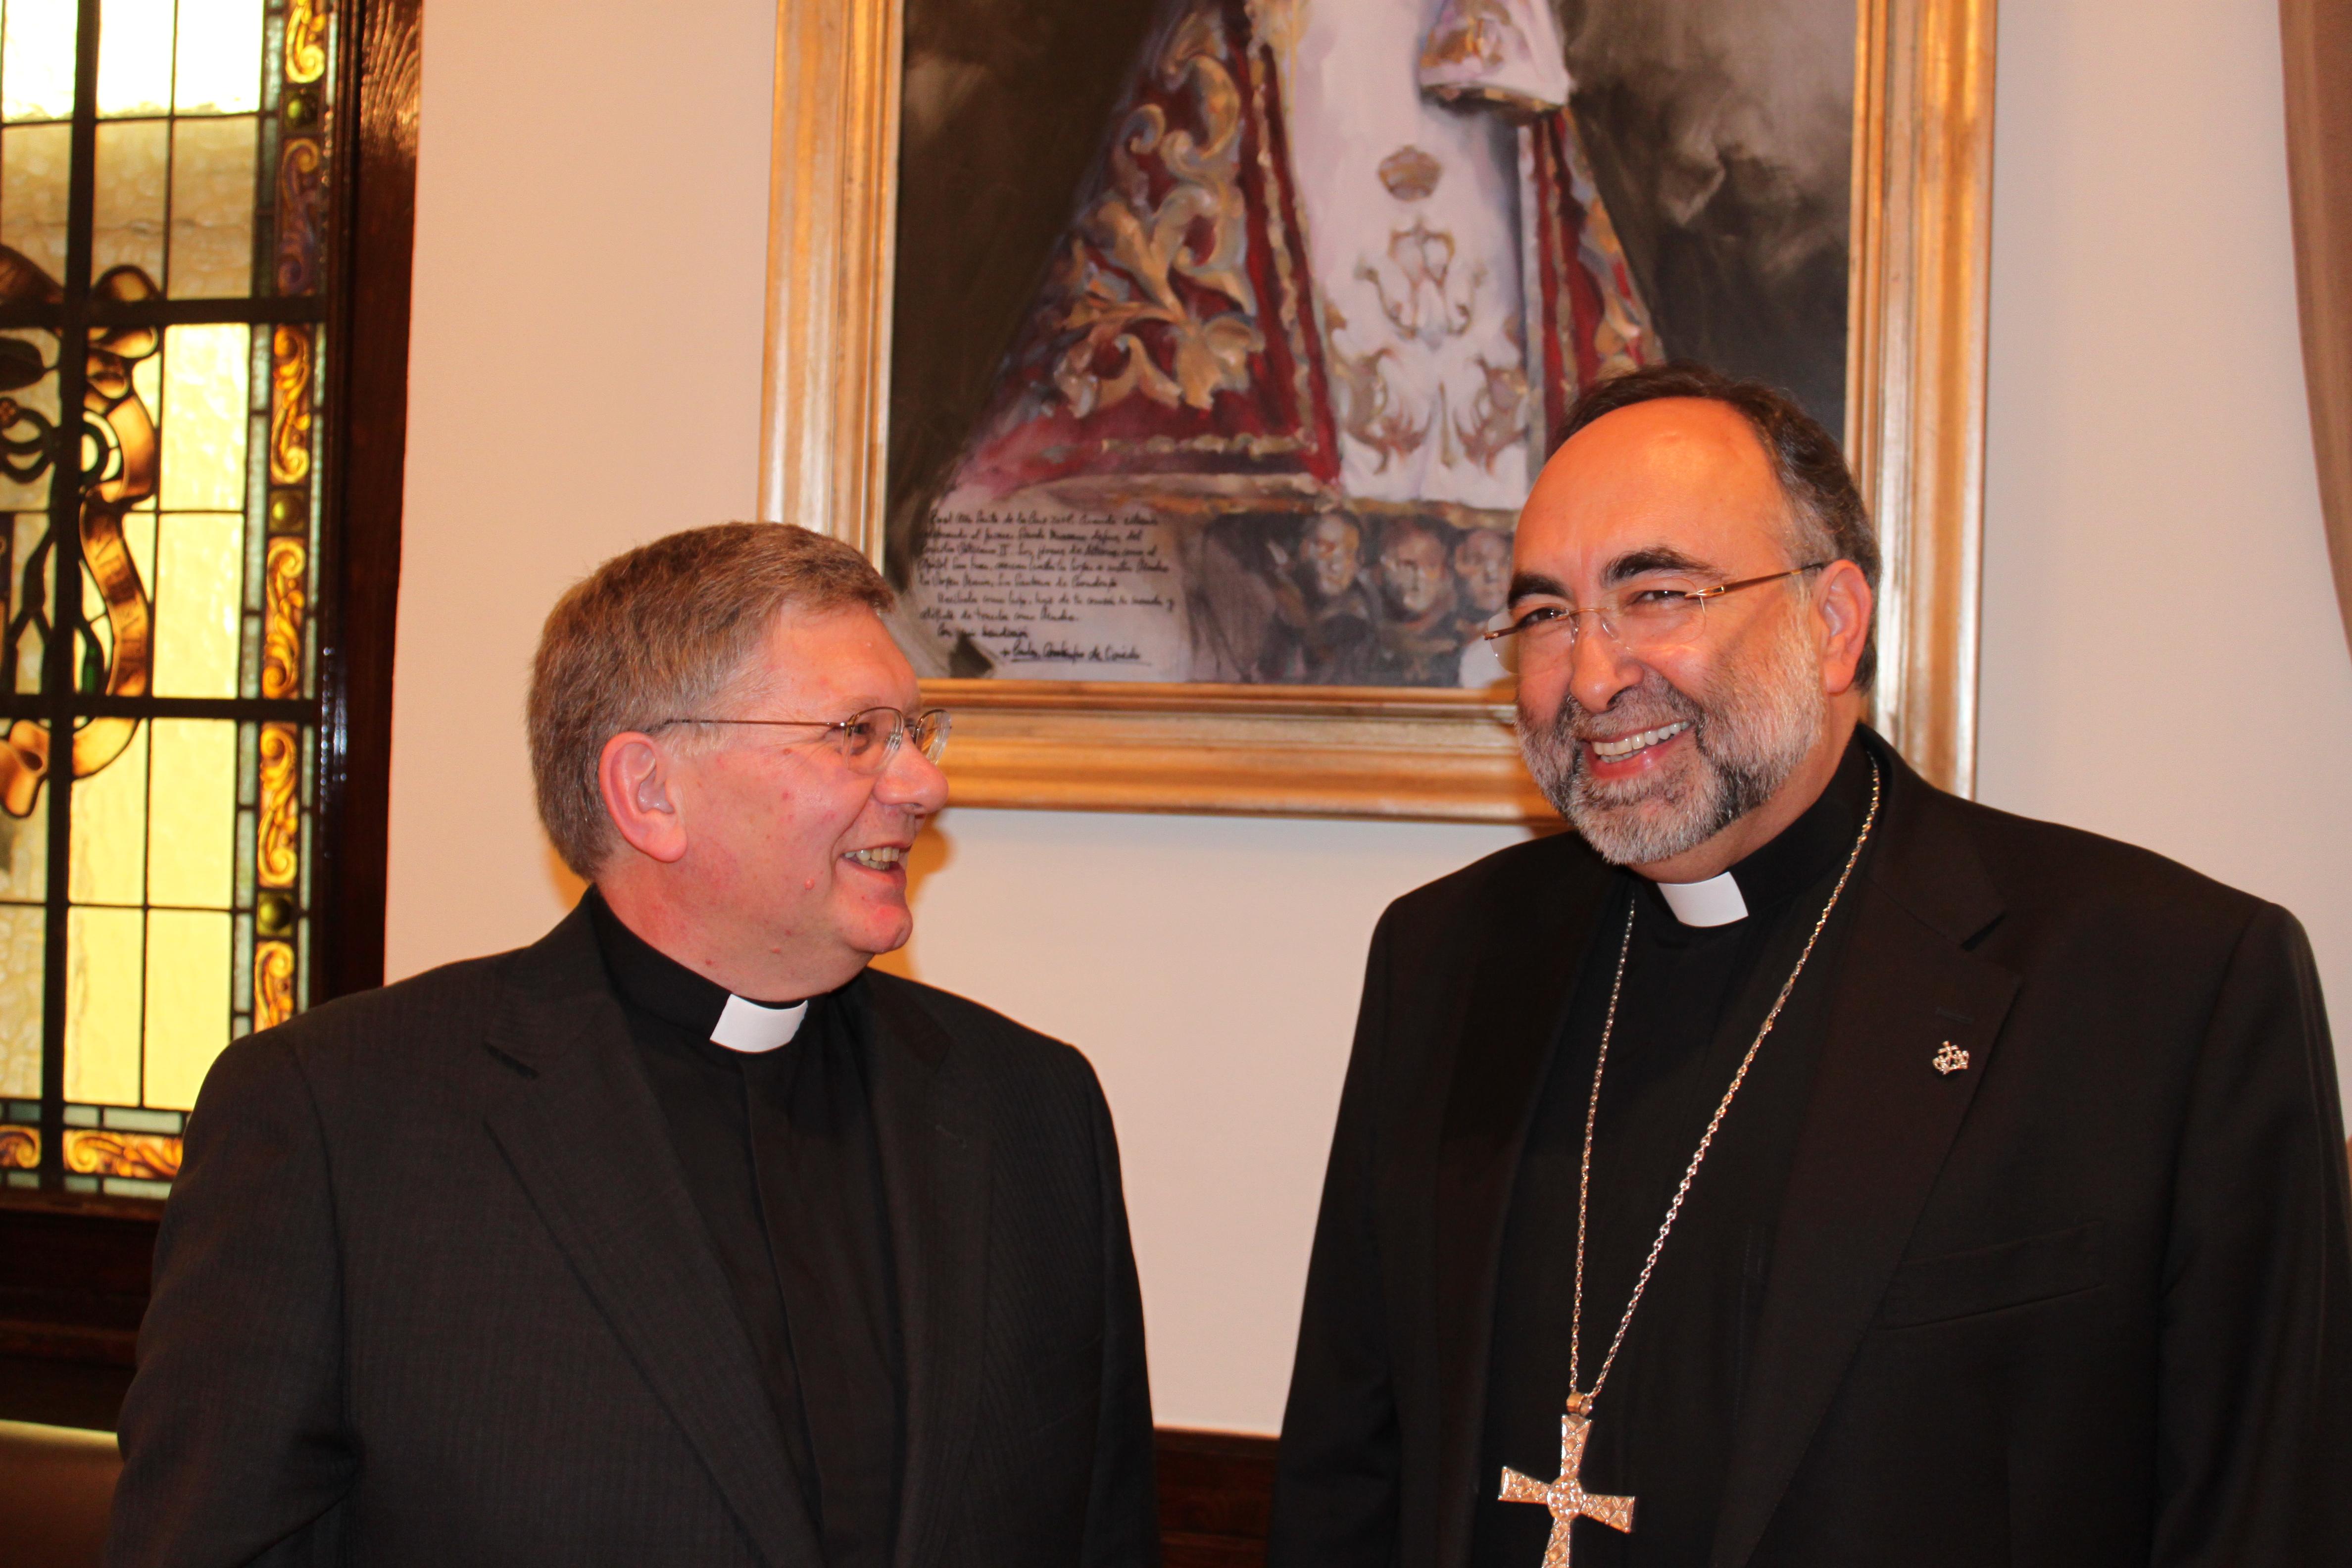 Rueda de prensa en el Obispado, al conocerse su nombramiento como Obispo auxiliar de Oviedo. Año 2013